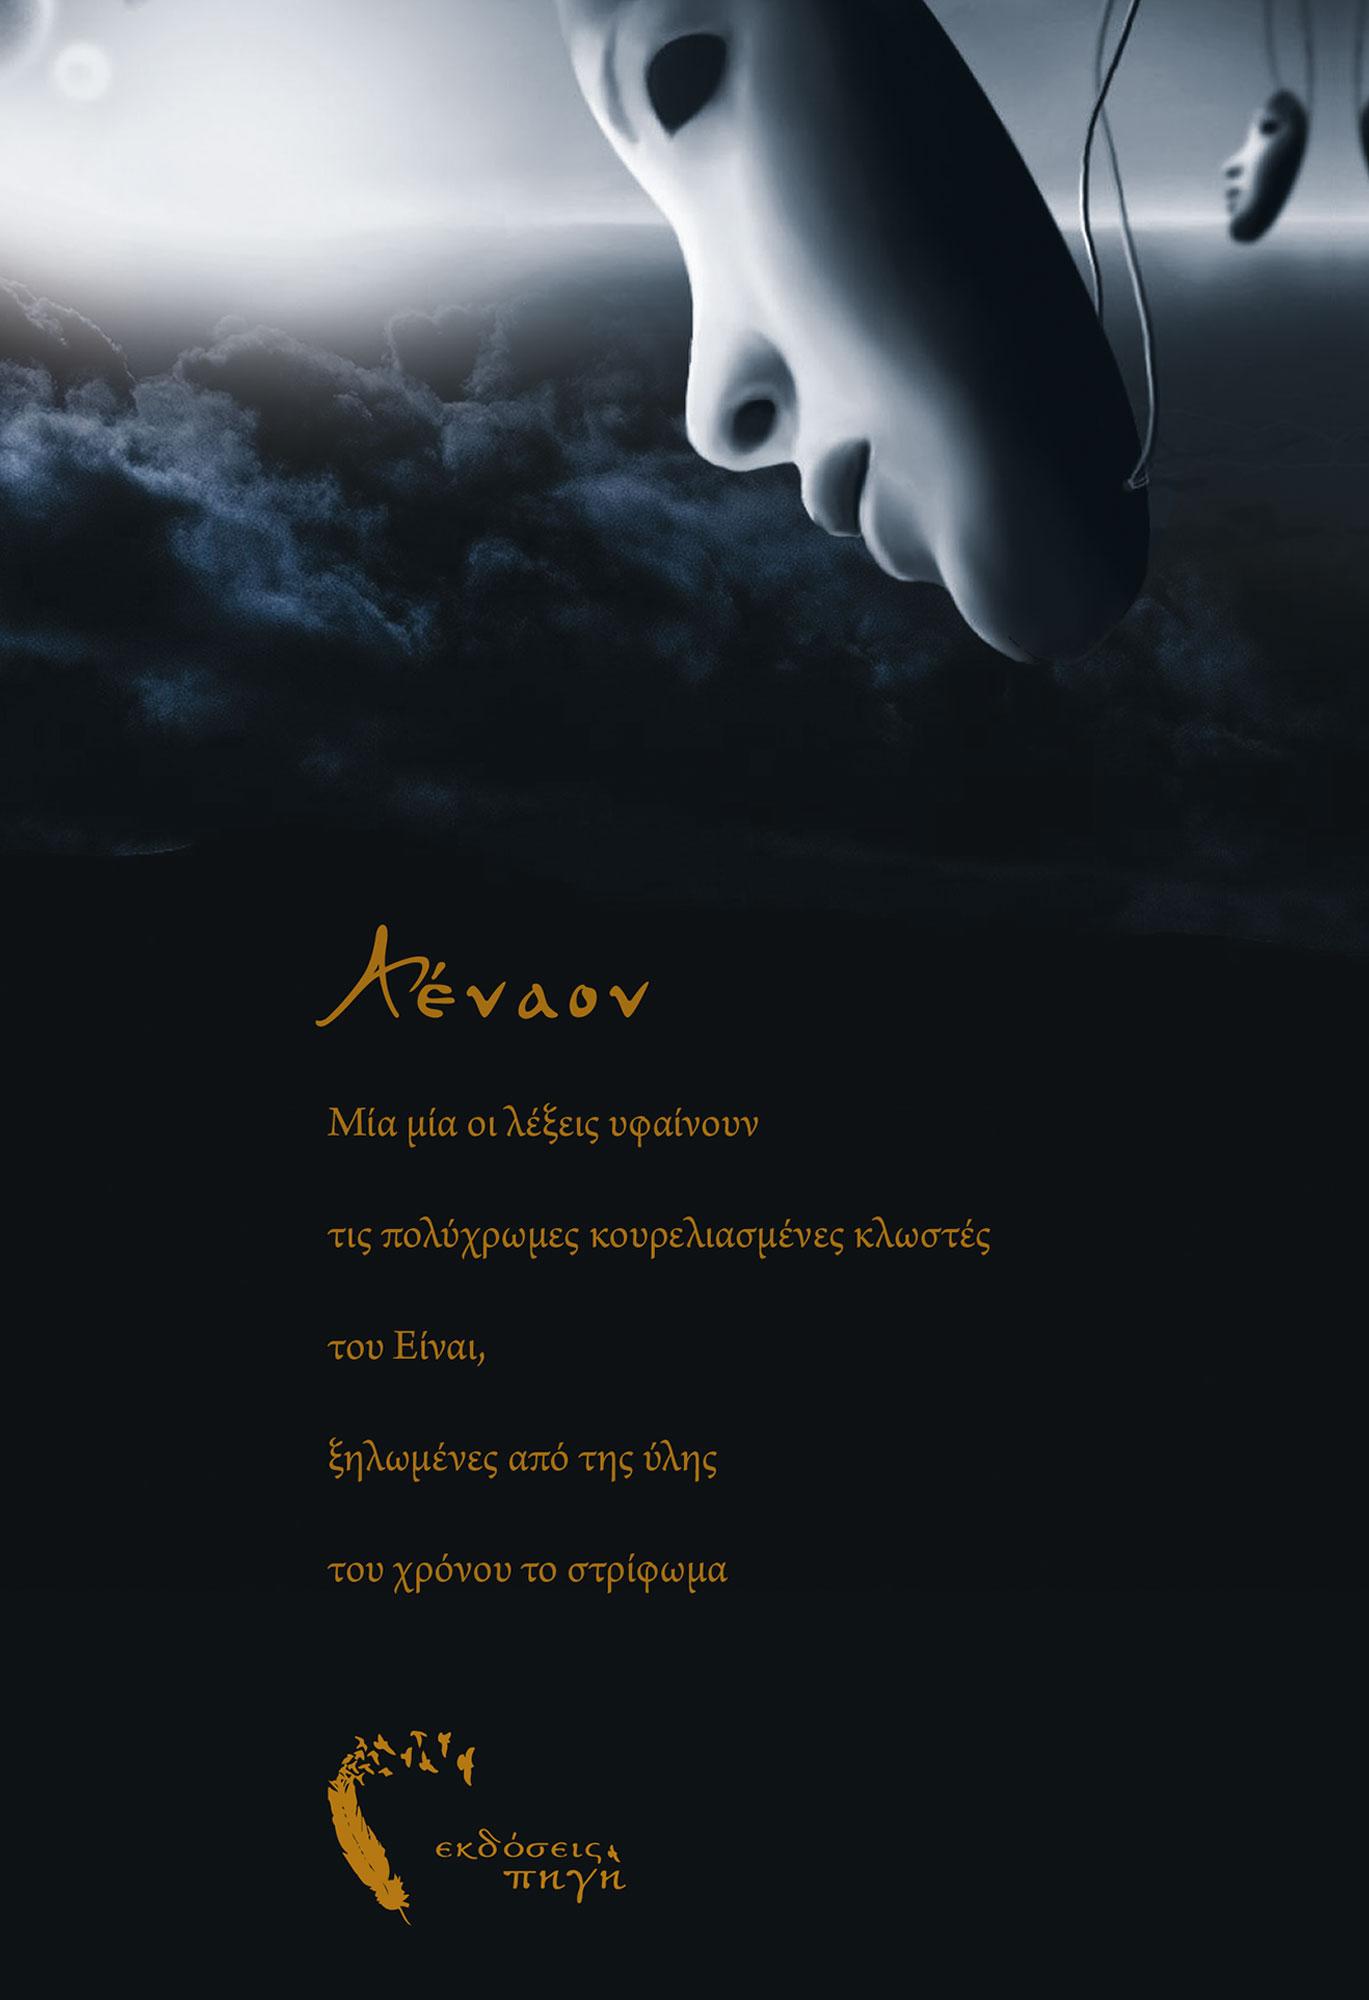 Μύχιες Παύσεις, Τριαντάφυλλος Σερμέτης, Εκδόσεις Πηγή - www.pigi.gr